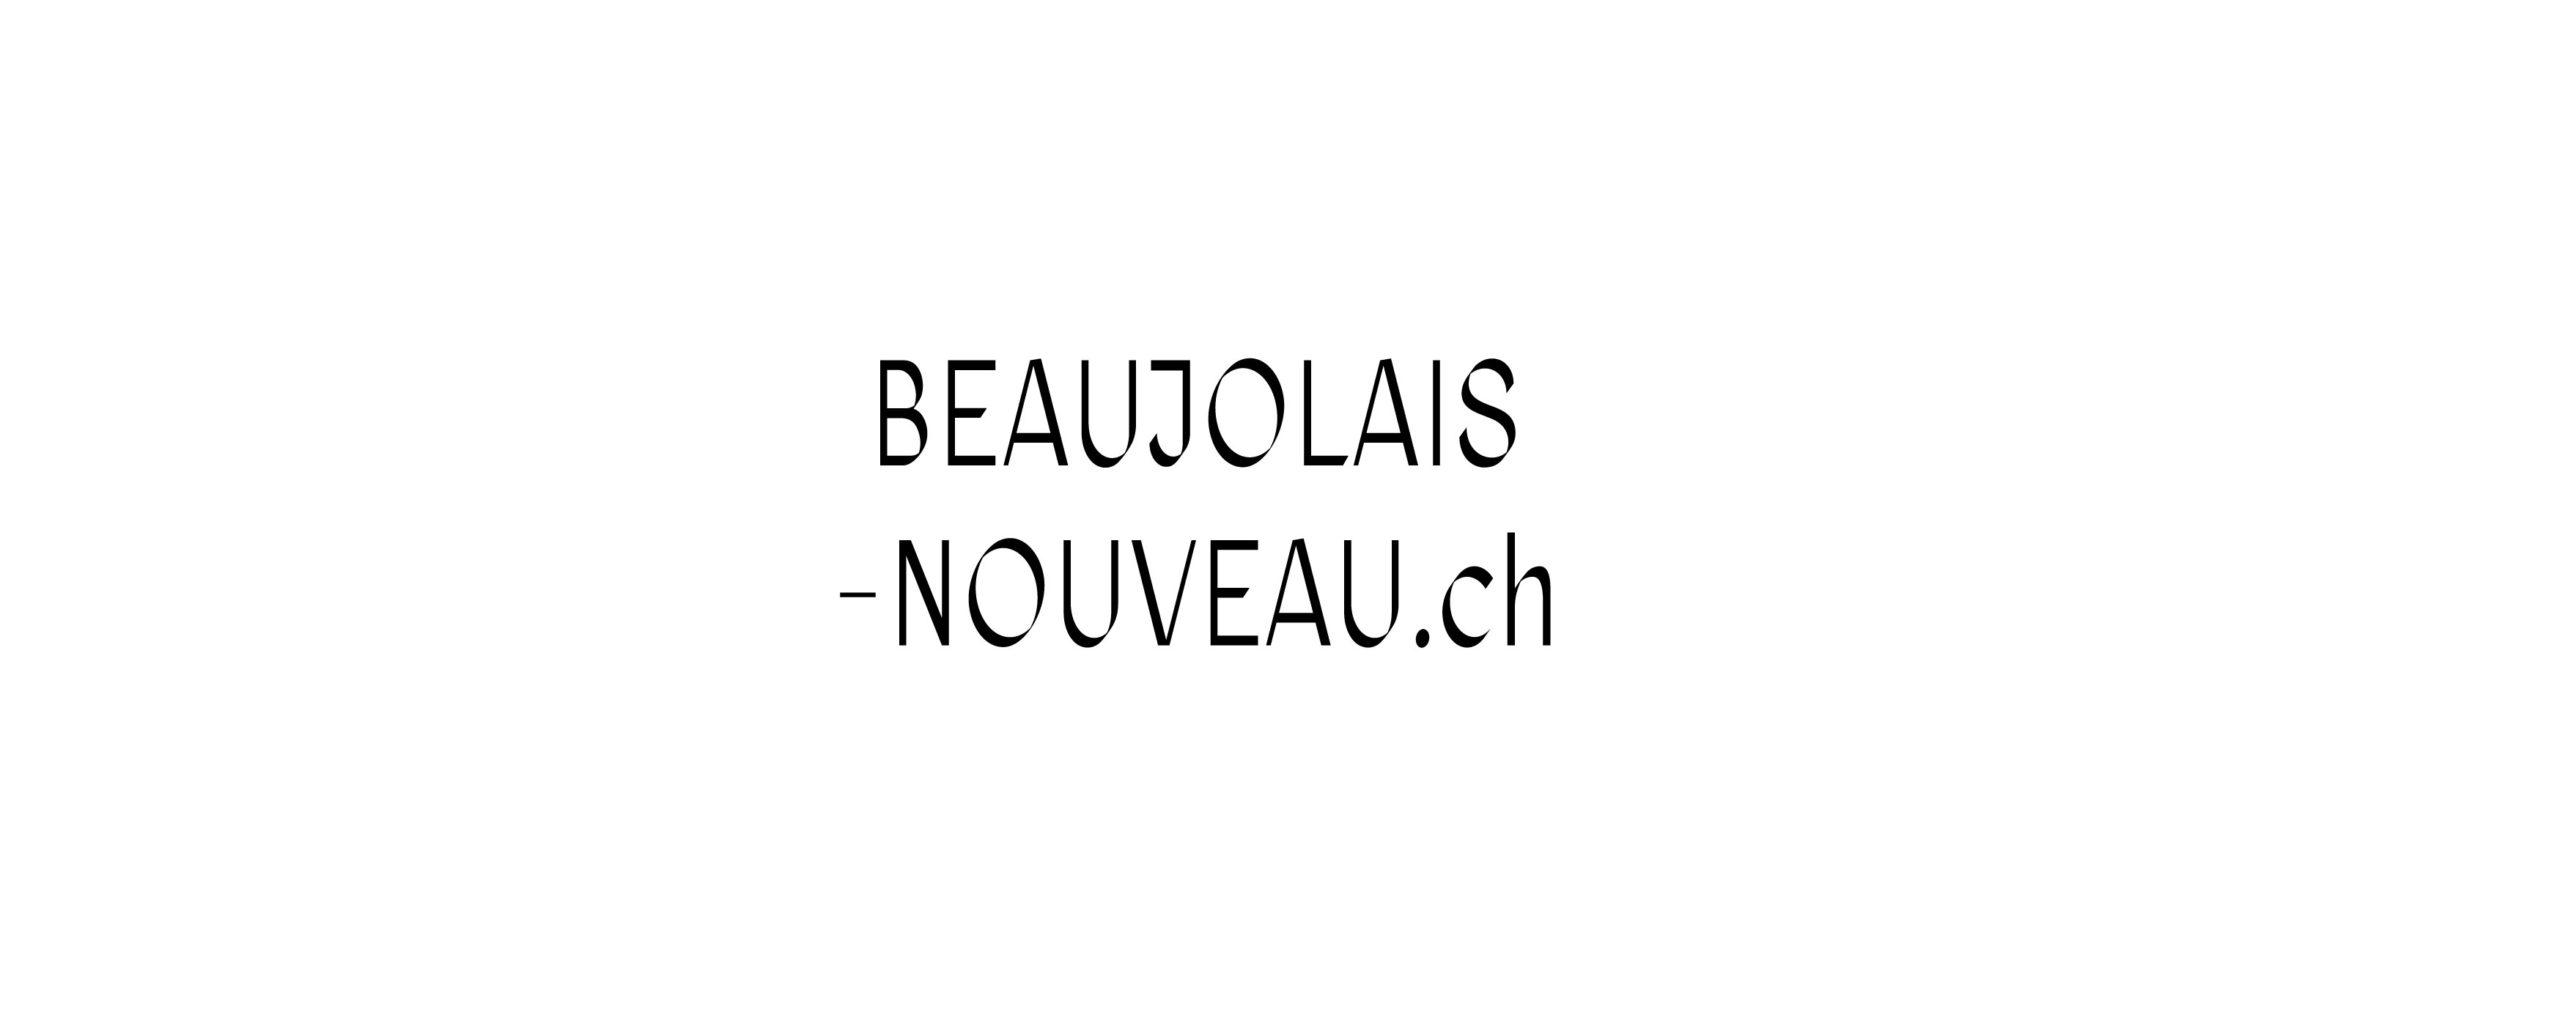 Zoom Apéro – Fête de Beaujolais Nouveau 2020